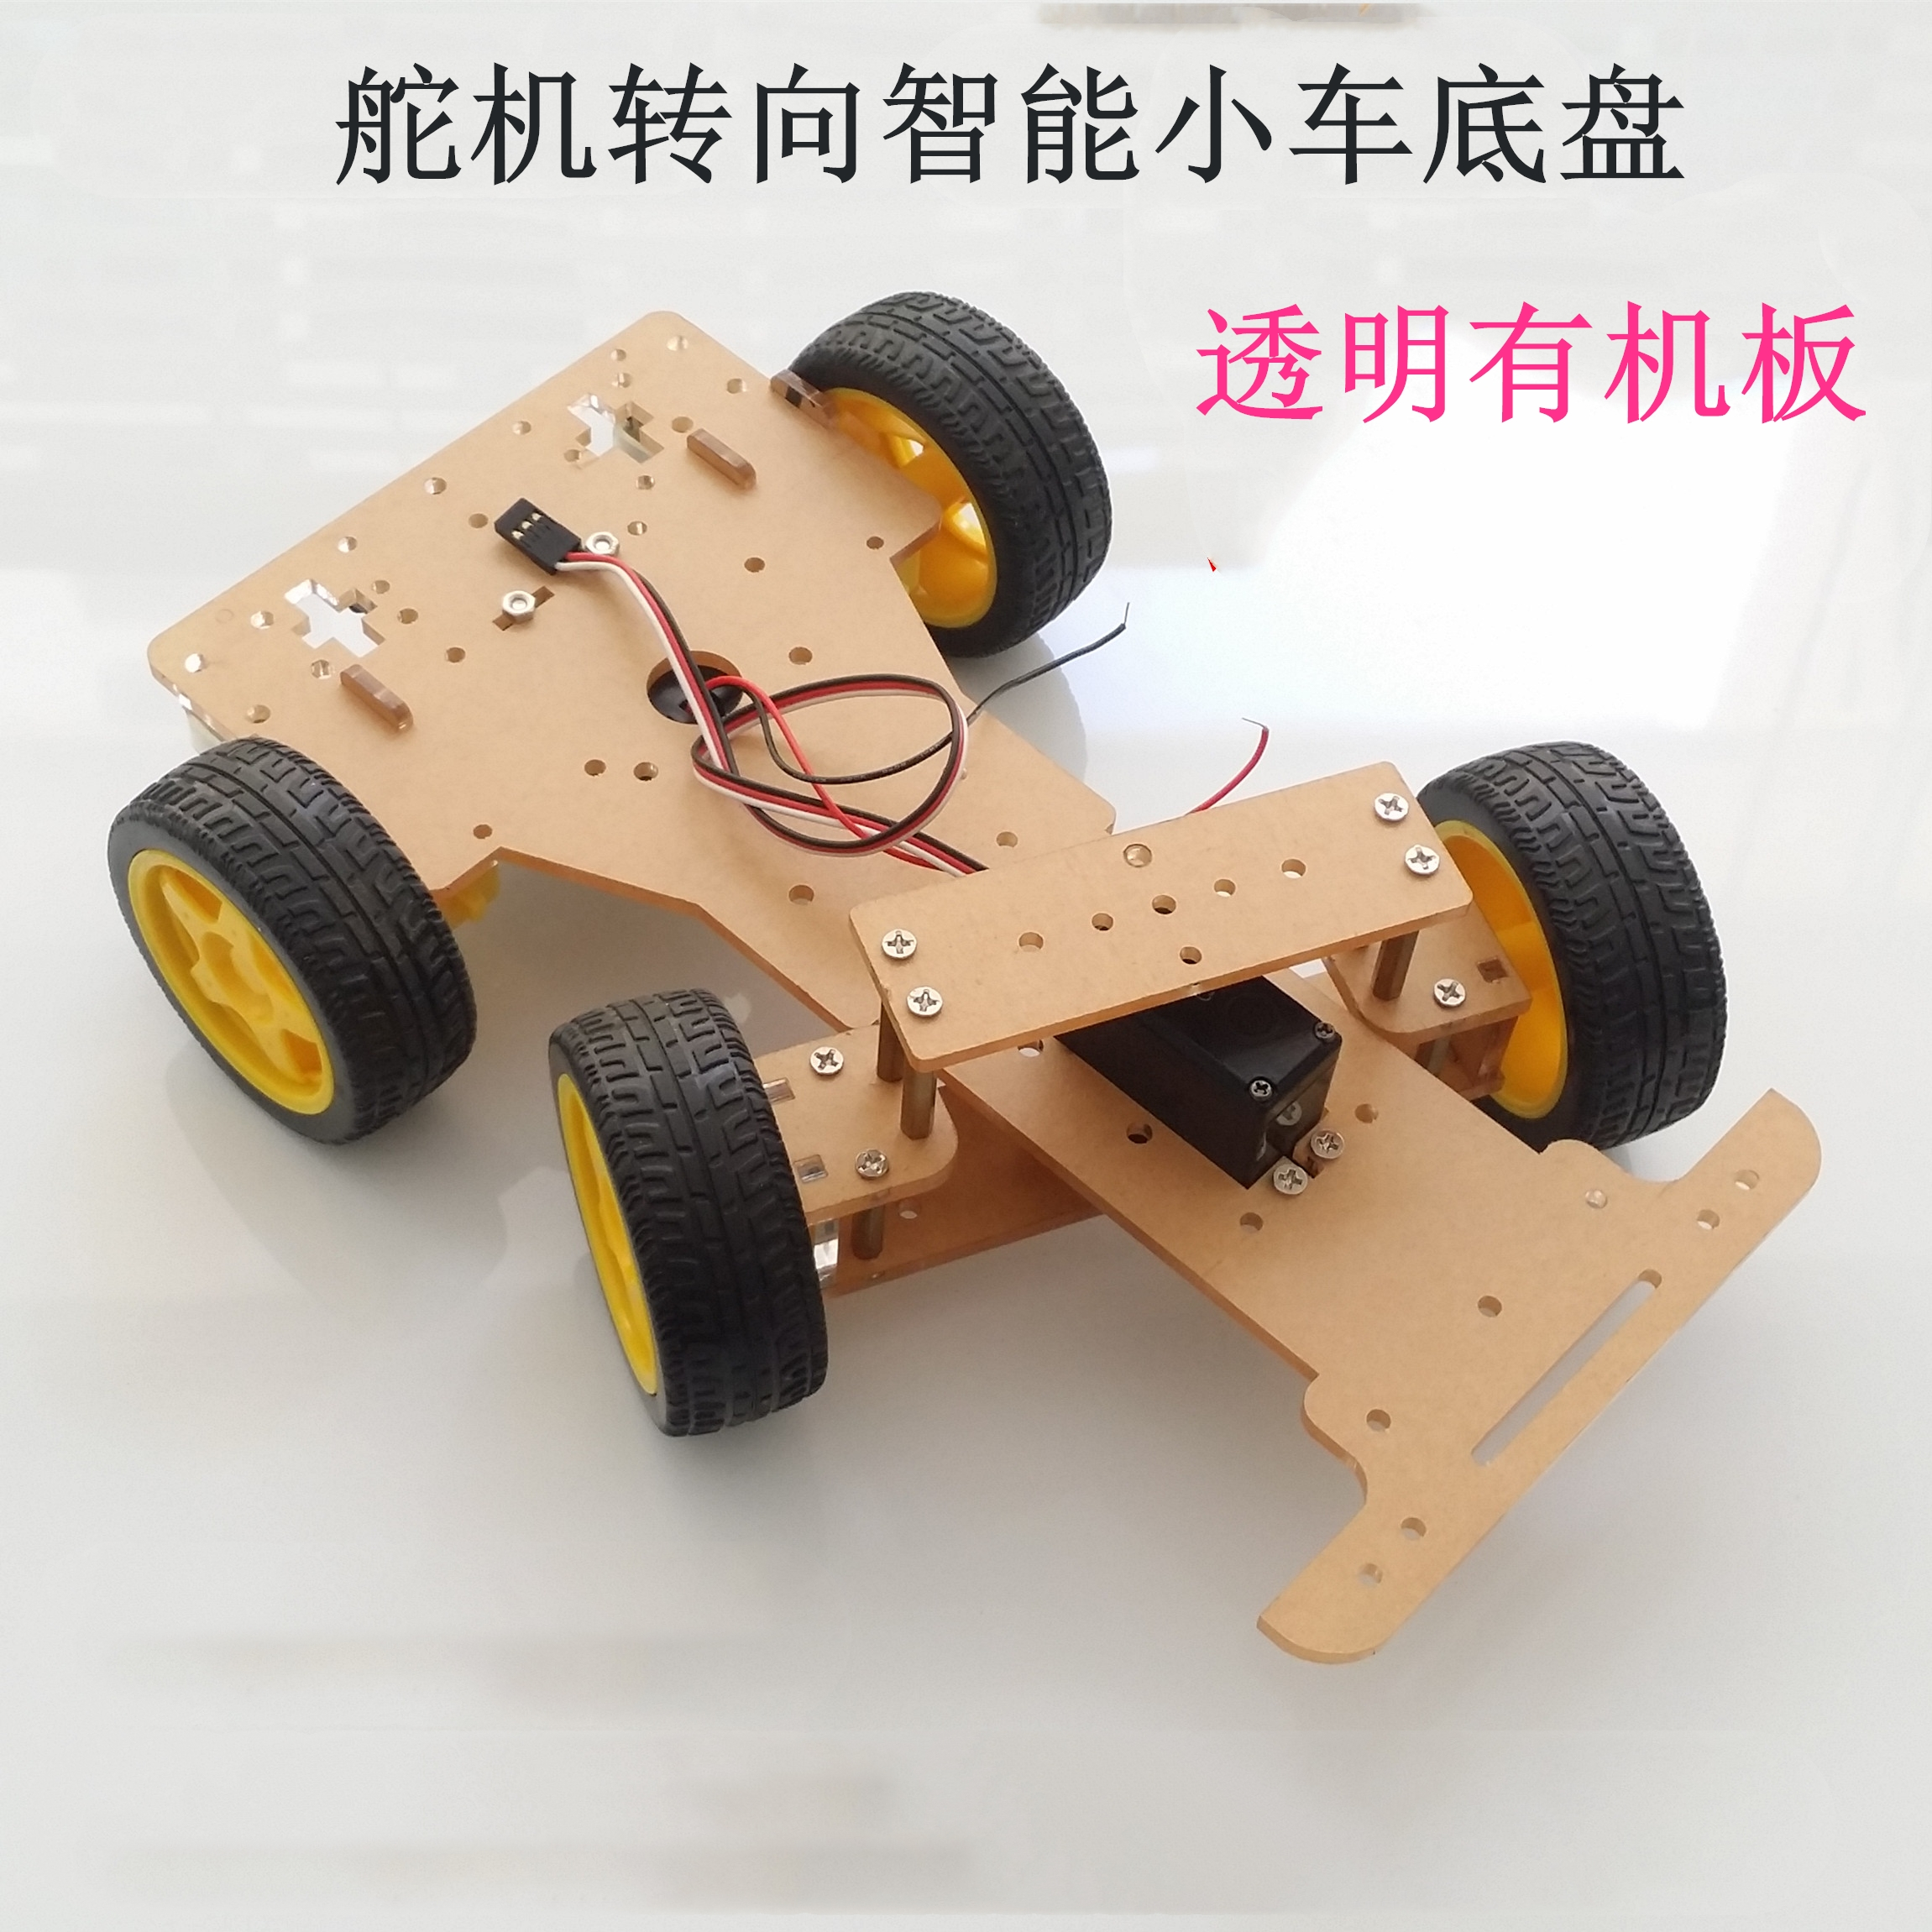 循迹避障小车底盘 智能小车底盘四轮二驱智能小车底盘 舵机转向